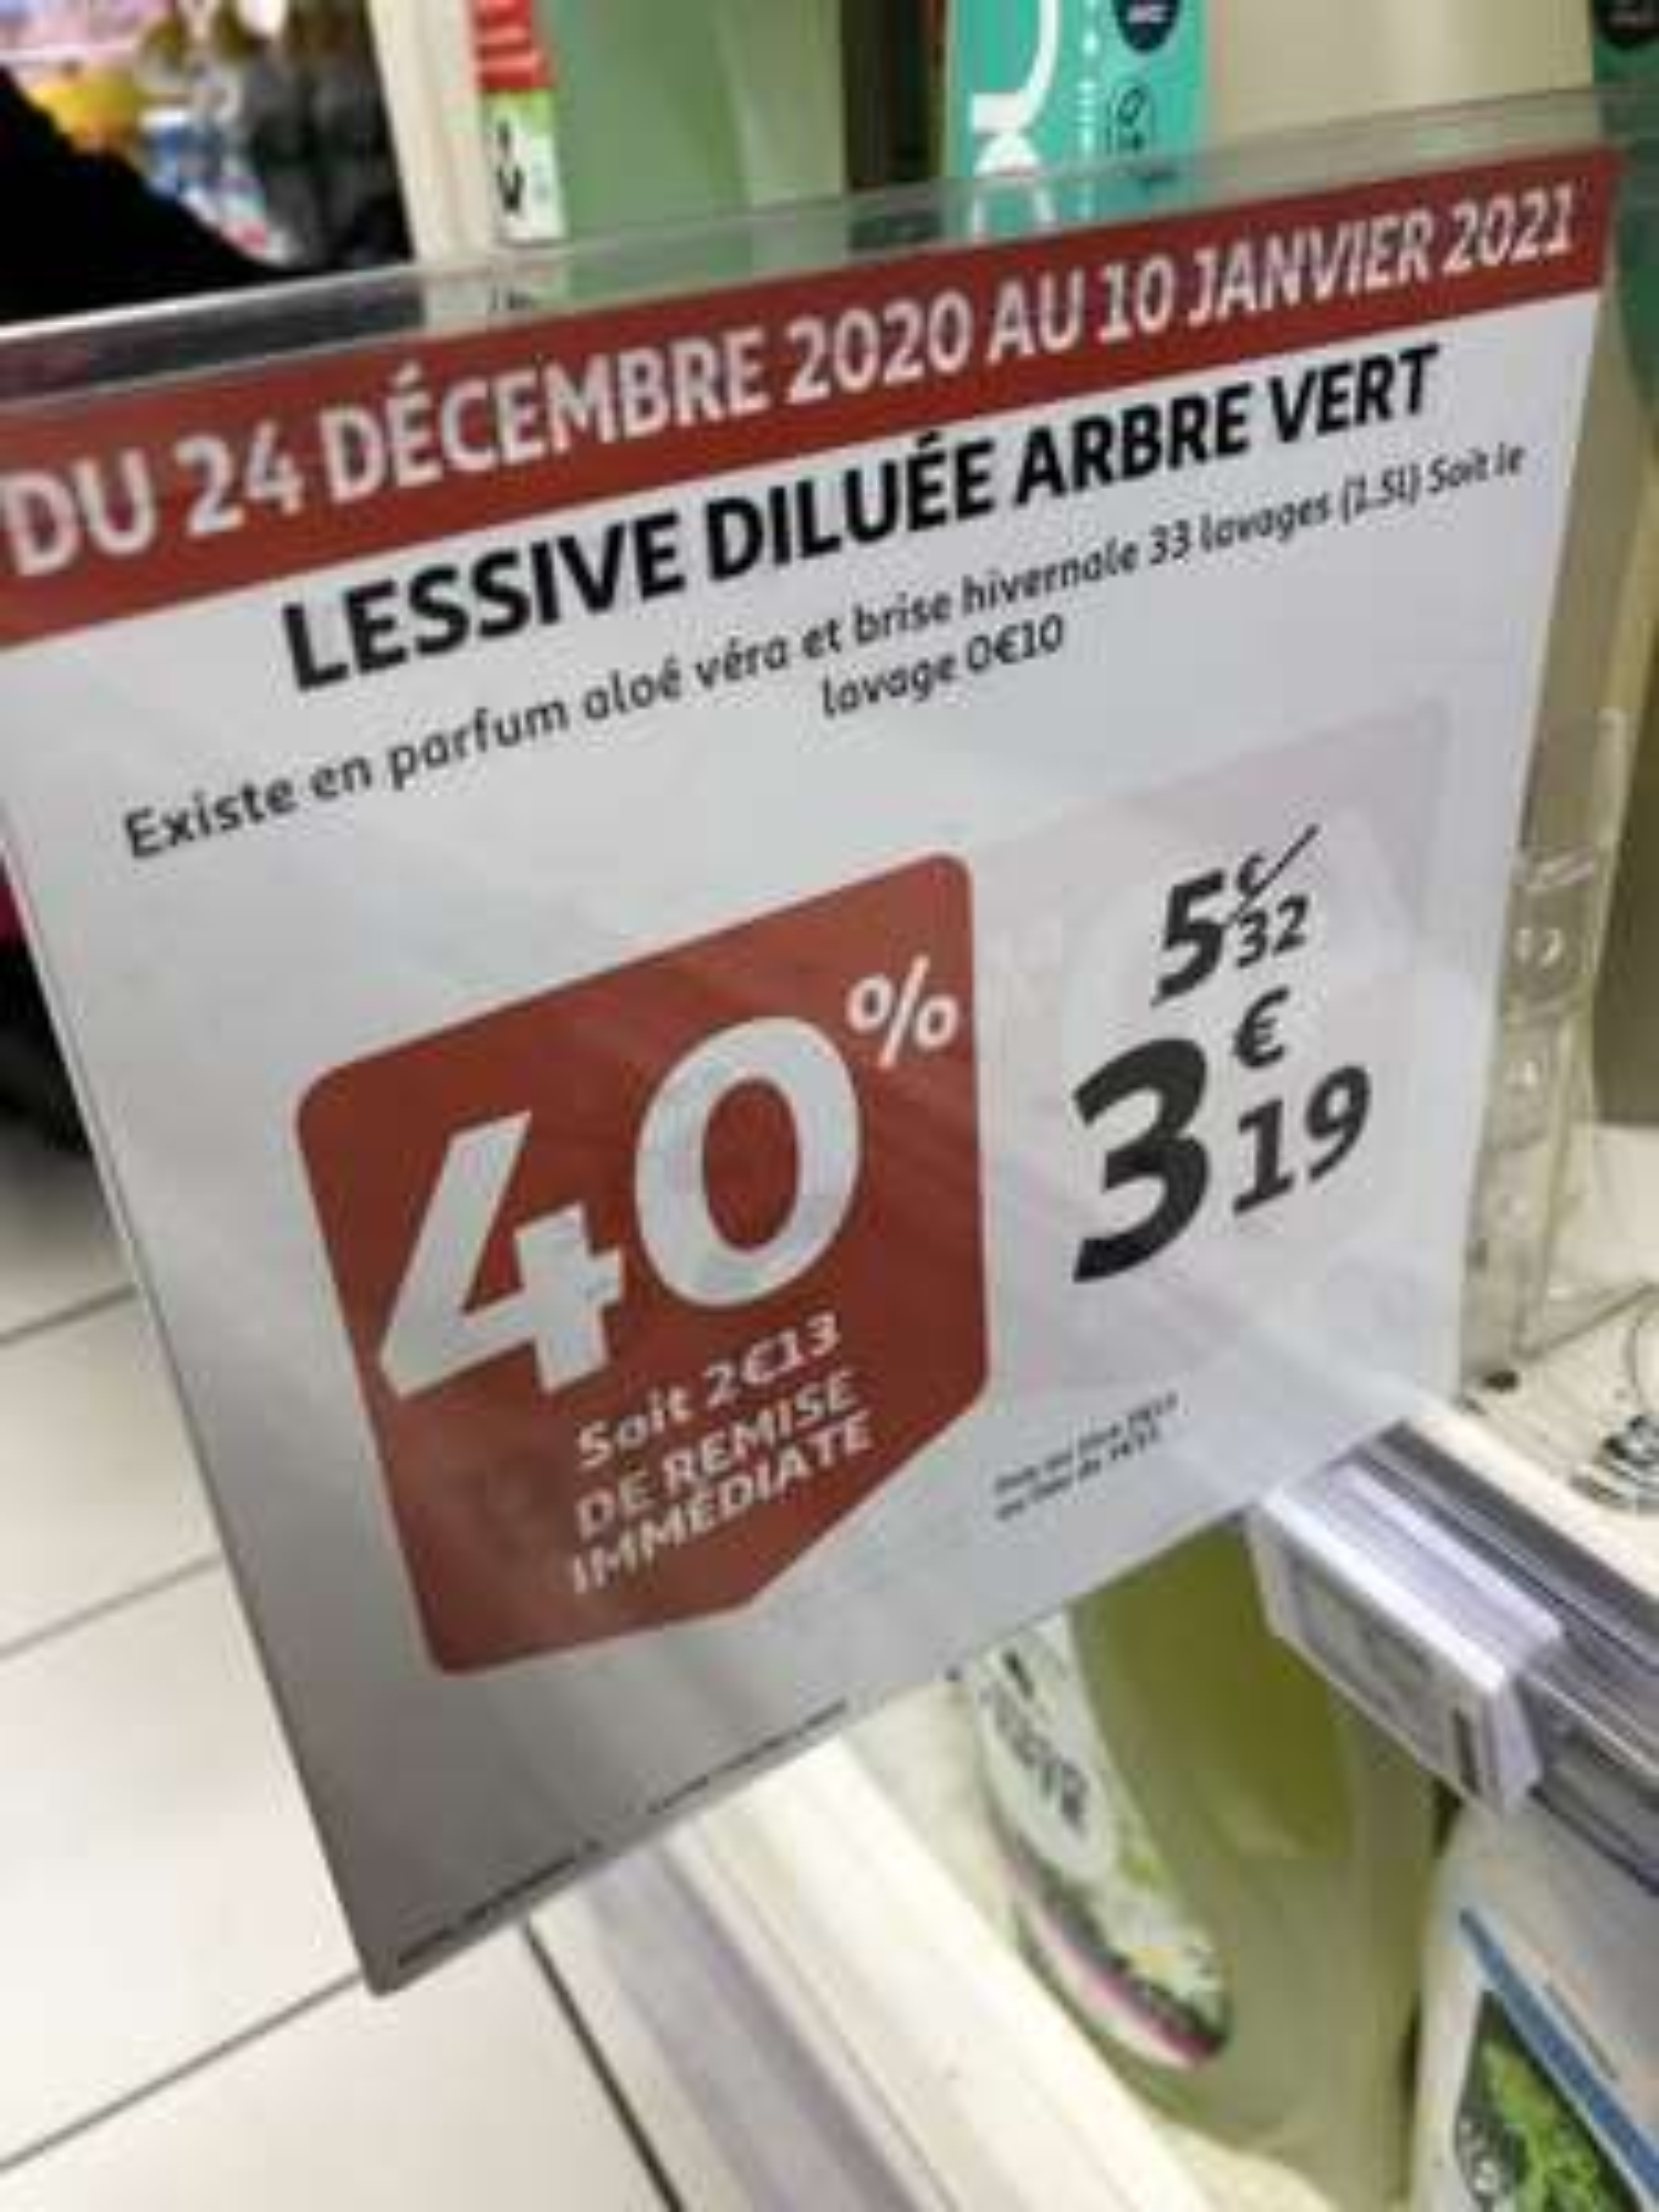 Lessive liquide L'Arbre Vert 1.5L (2 parfums) - Issy-les-Moulineaux (92)